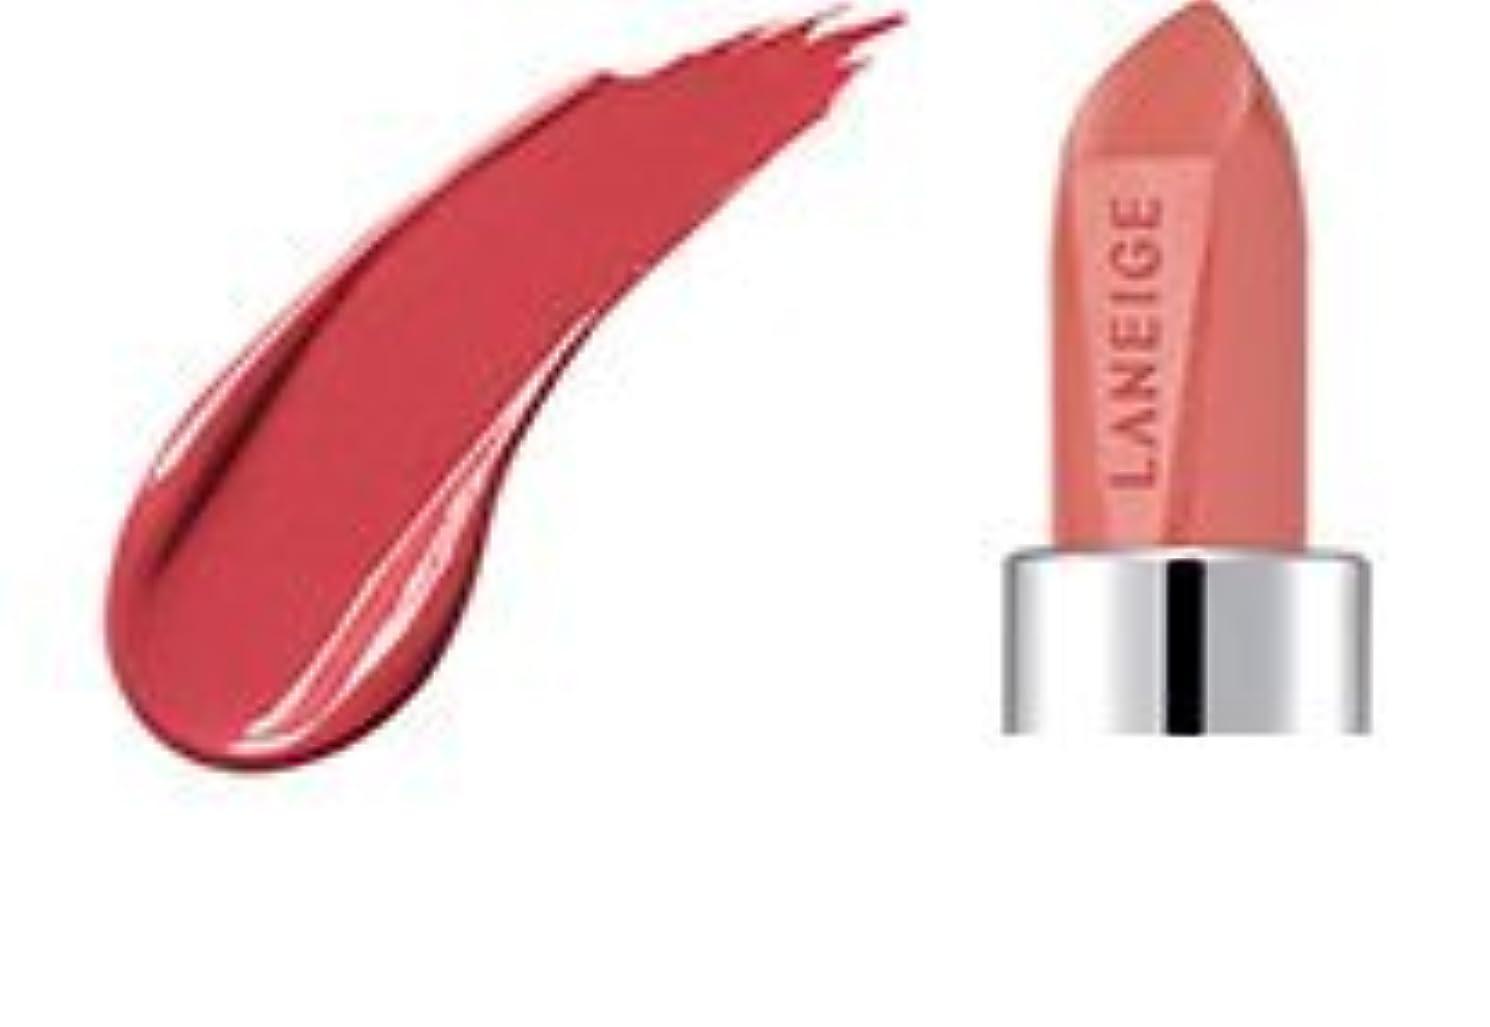 志すデマンド全部[2017 Renewal] LANEIGE Silk Intense Lipstick 3.5g/ラネージュ シルク インテンス リップスティック 3.5g (#235 The Muse for Now) [並行輸入品]